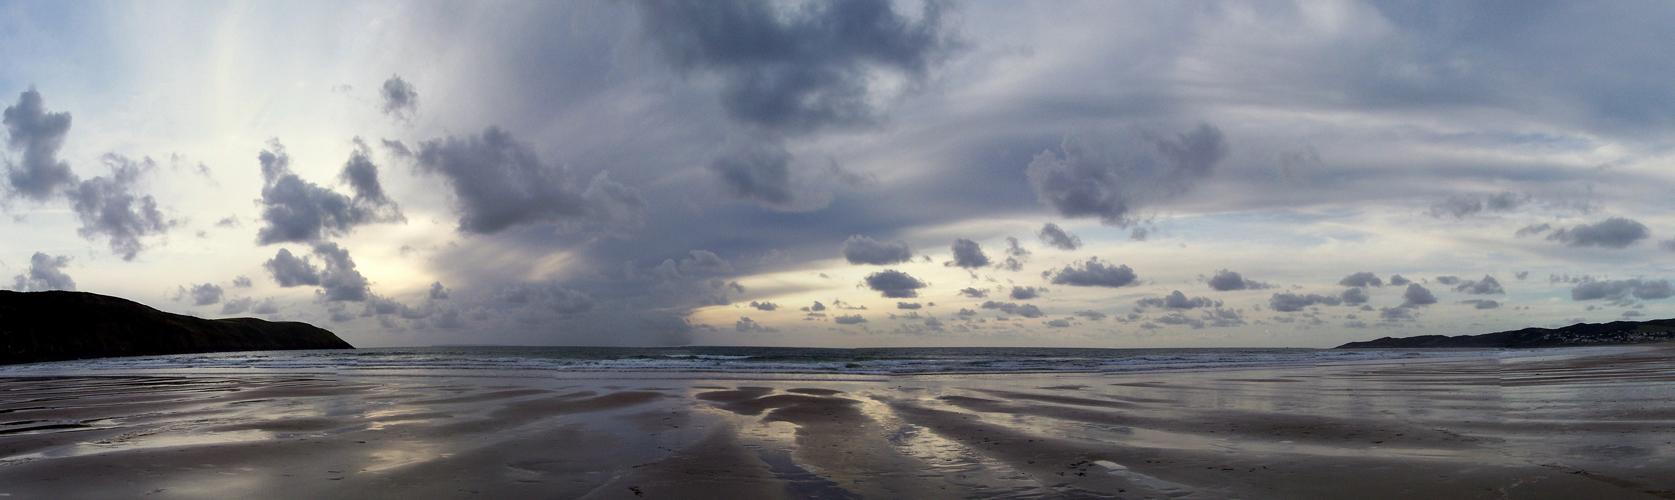 Putsborough Sands, North Devon by iia02dennisg